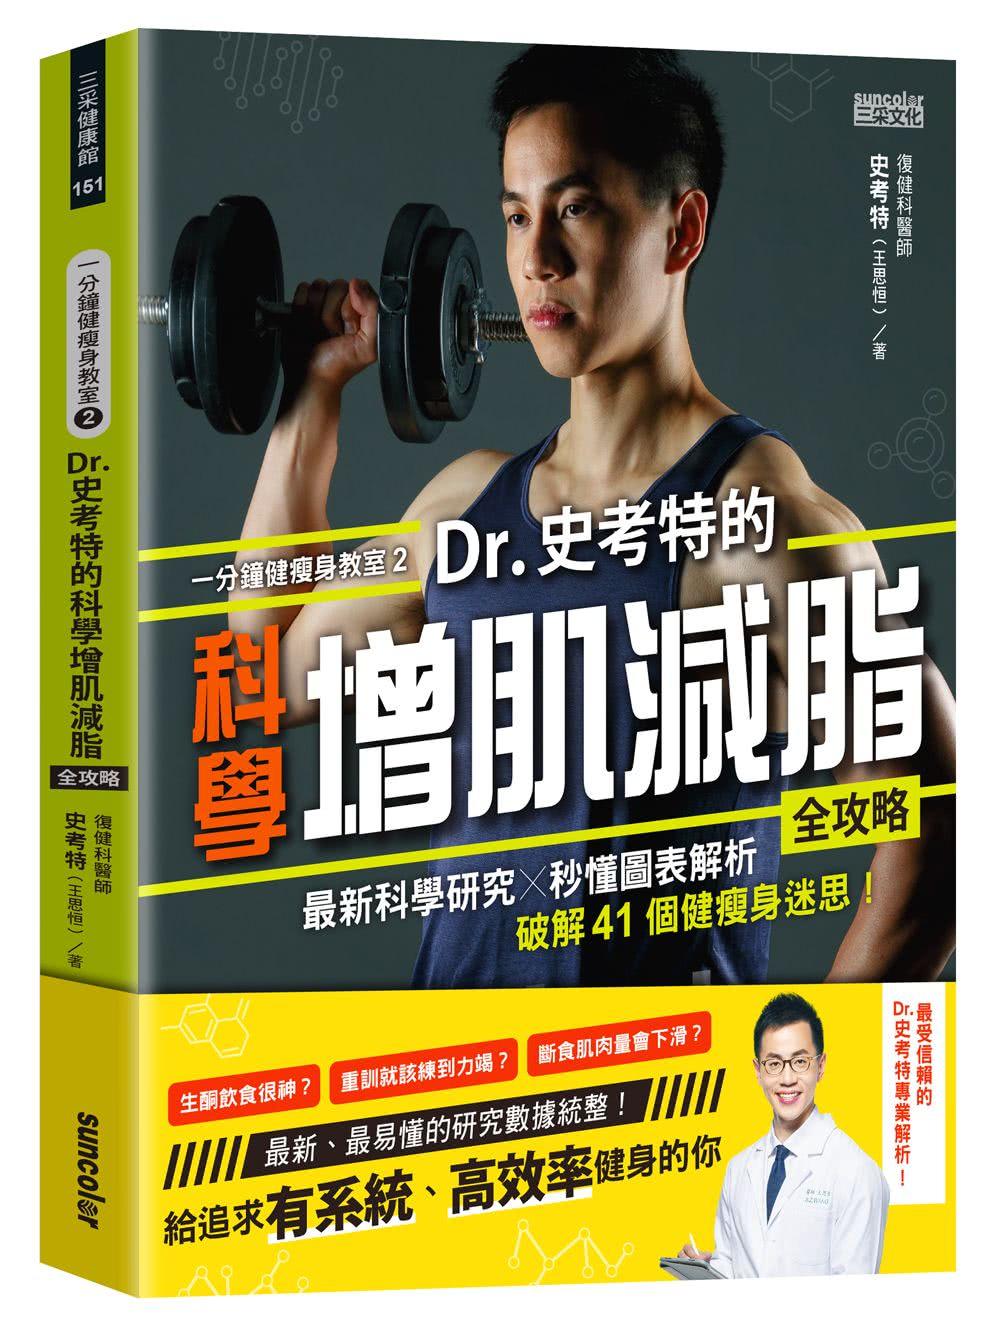 一分鐘健瘦身教室(2)Dr.史考特的科學增肌減脂全攻略:最新科學研究╳秒懂圖表解析 破解41個健瘦身迷思!